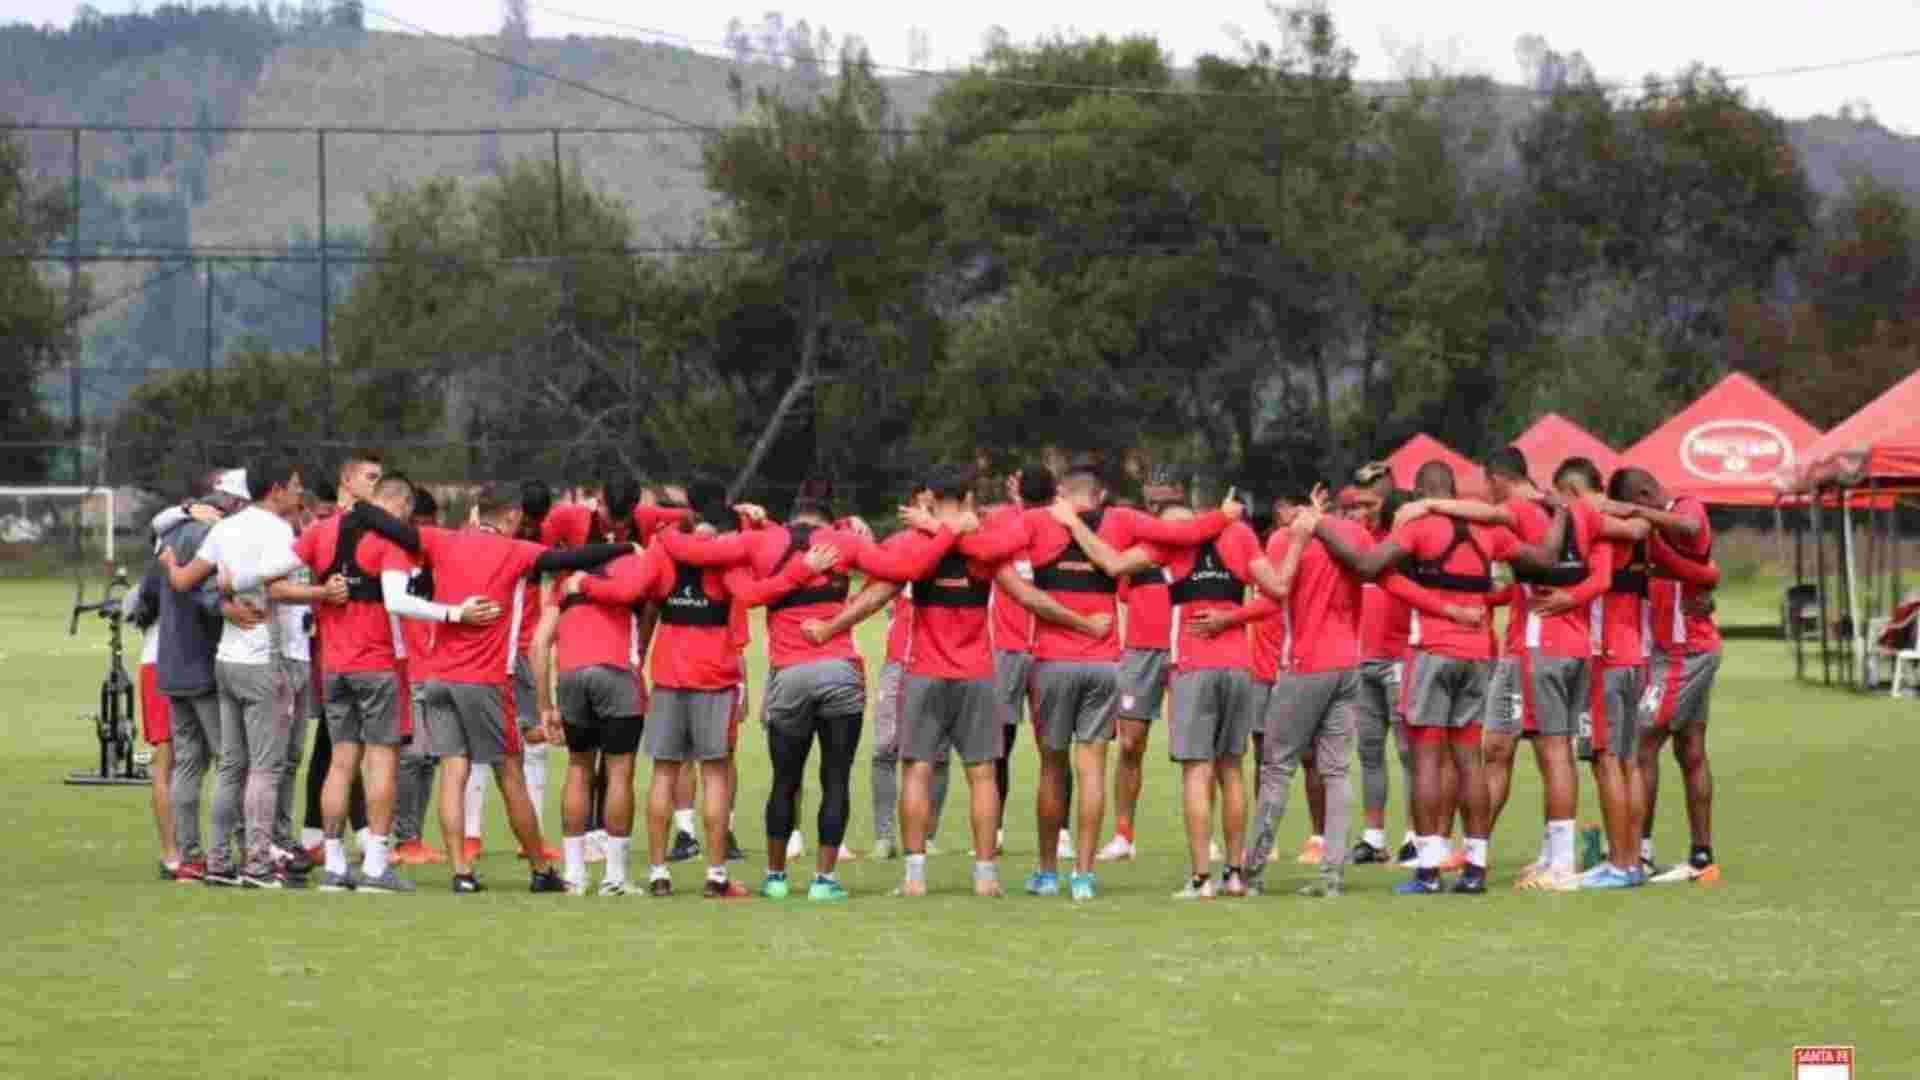 Independiente Santa Fe buscará sumar su décima estrella cuando enfrente esta tarde a América de Cali por el partido de ida de la final de la Liga BetPlay 2020.